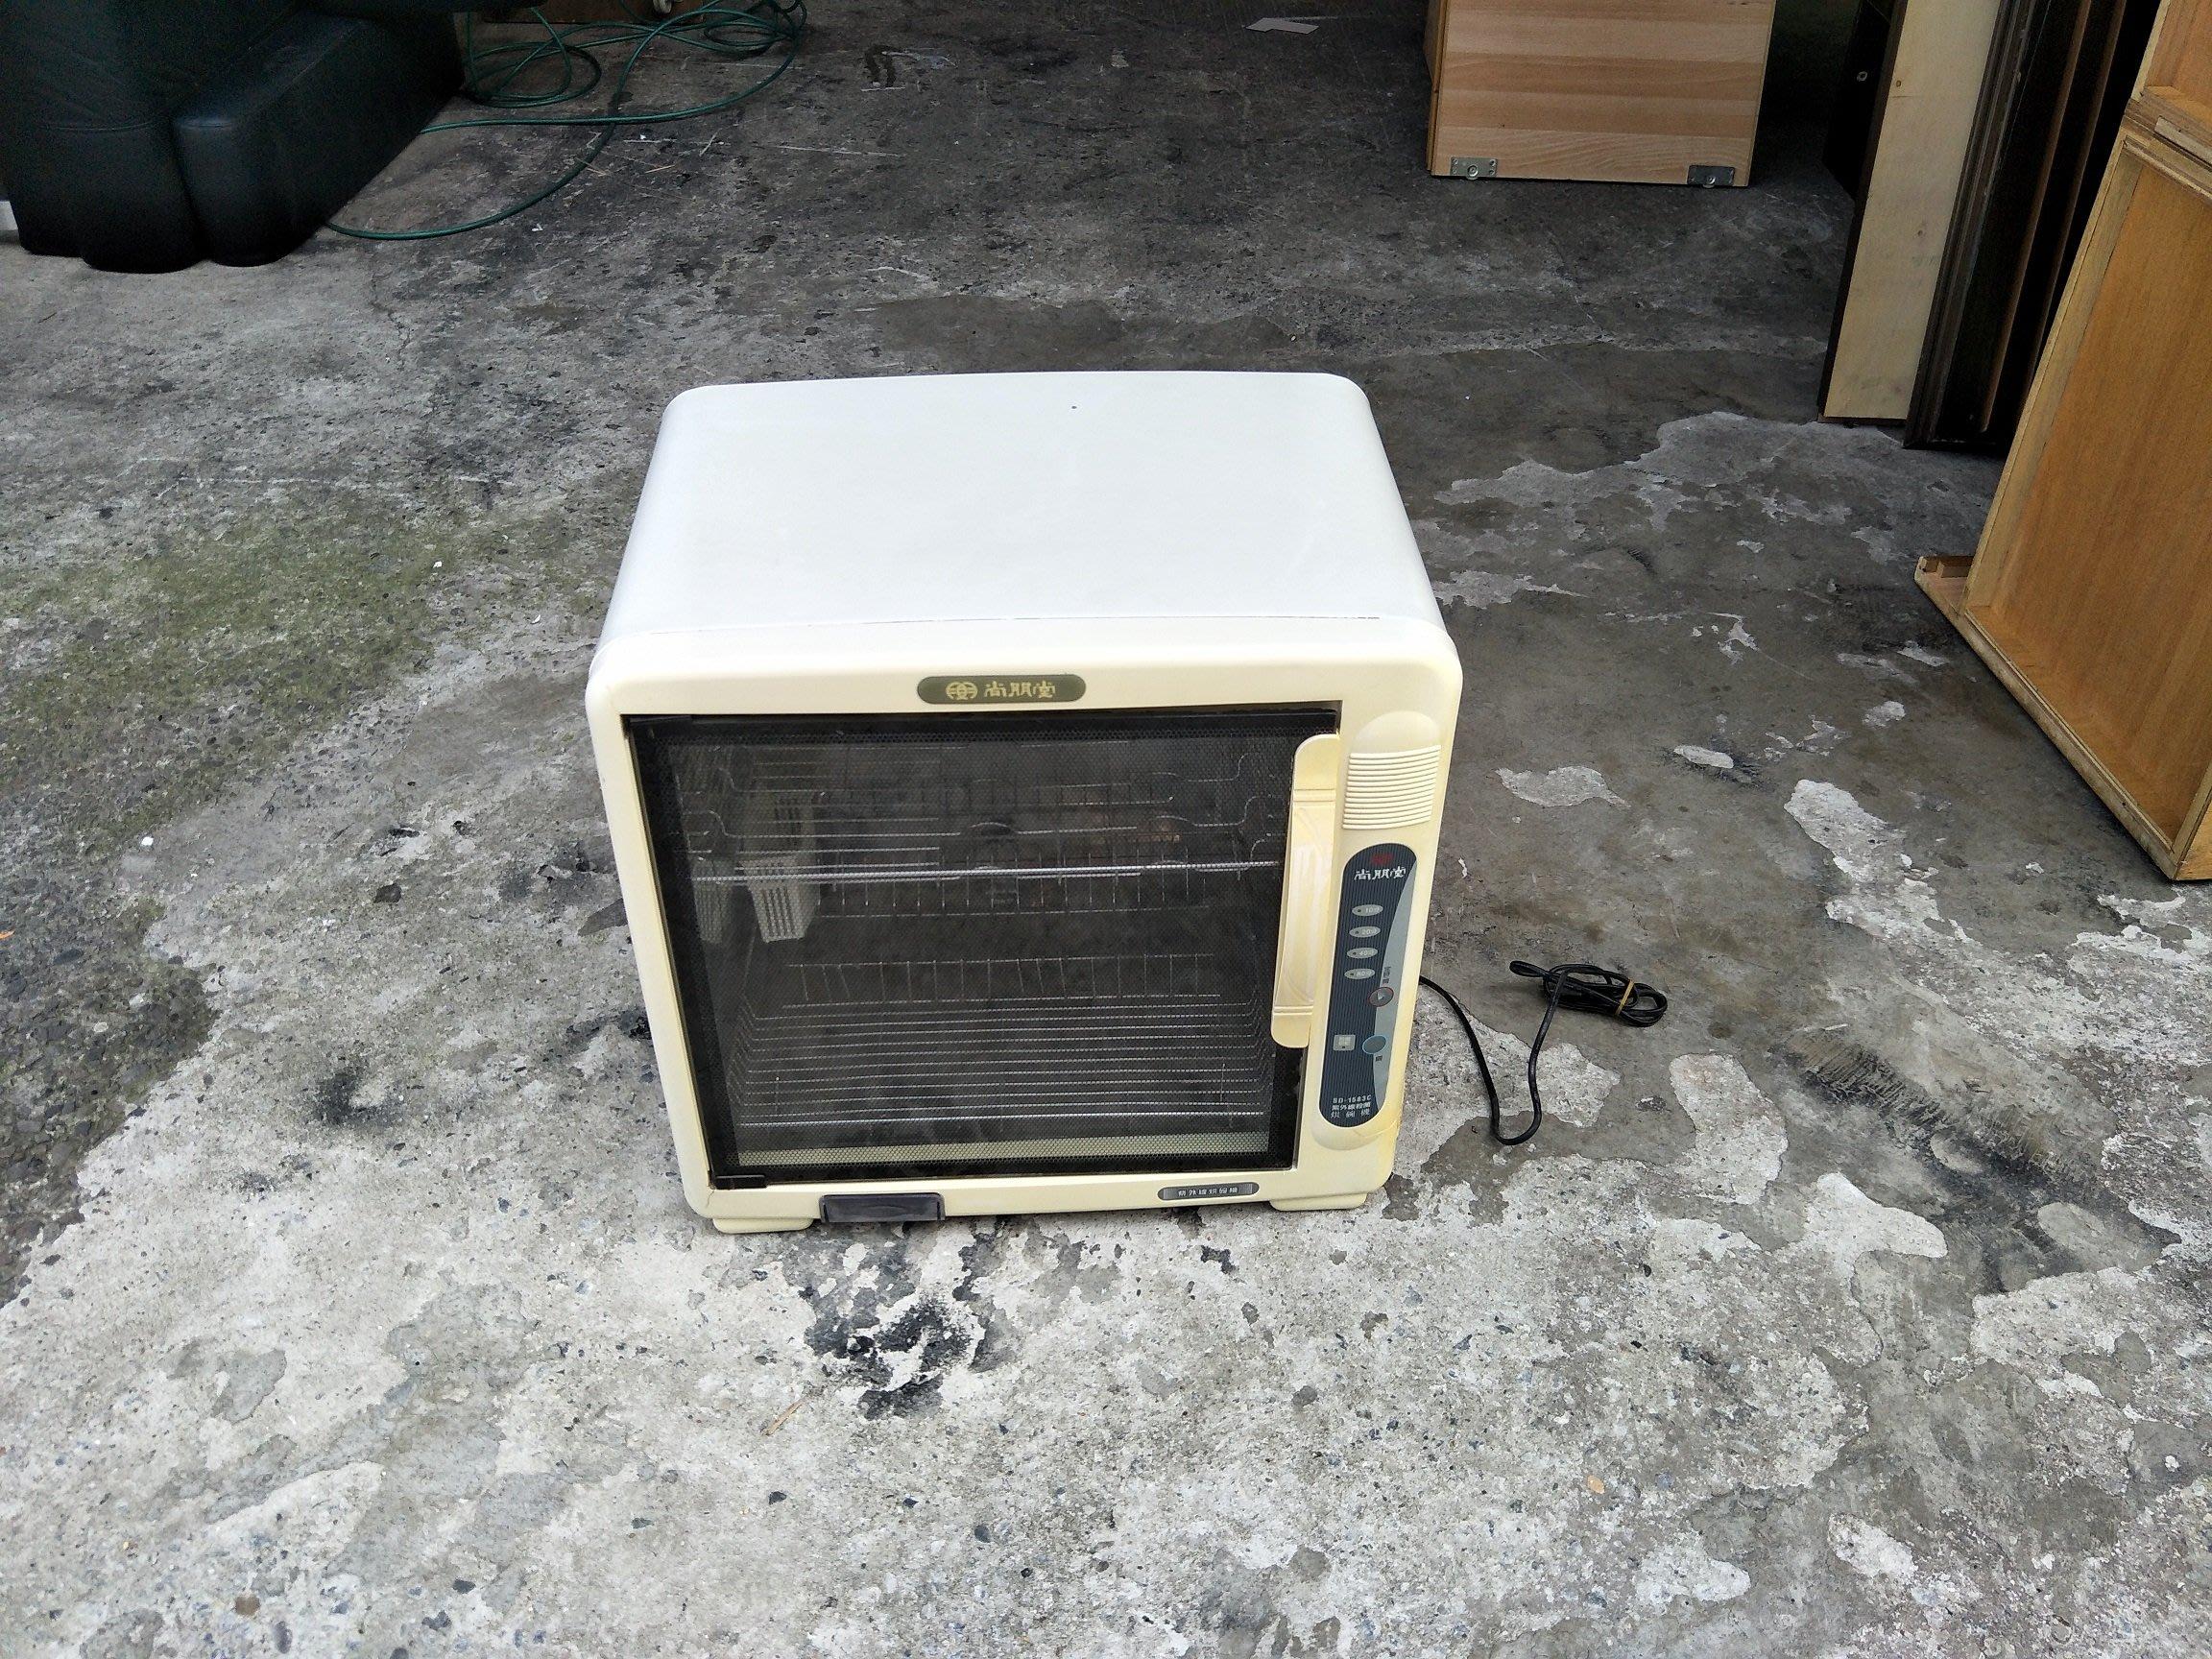 【安鑫】~尚朋堂烘碗機SD-1583C 雙層紫外線殺菌烘碗機 微電腦餐具烘乾機 歡迎土城自取!【A093】